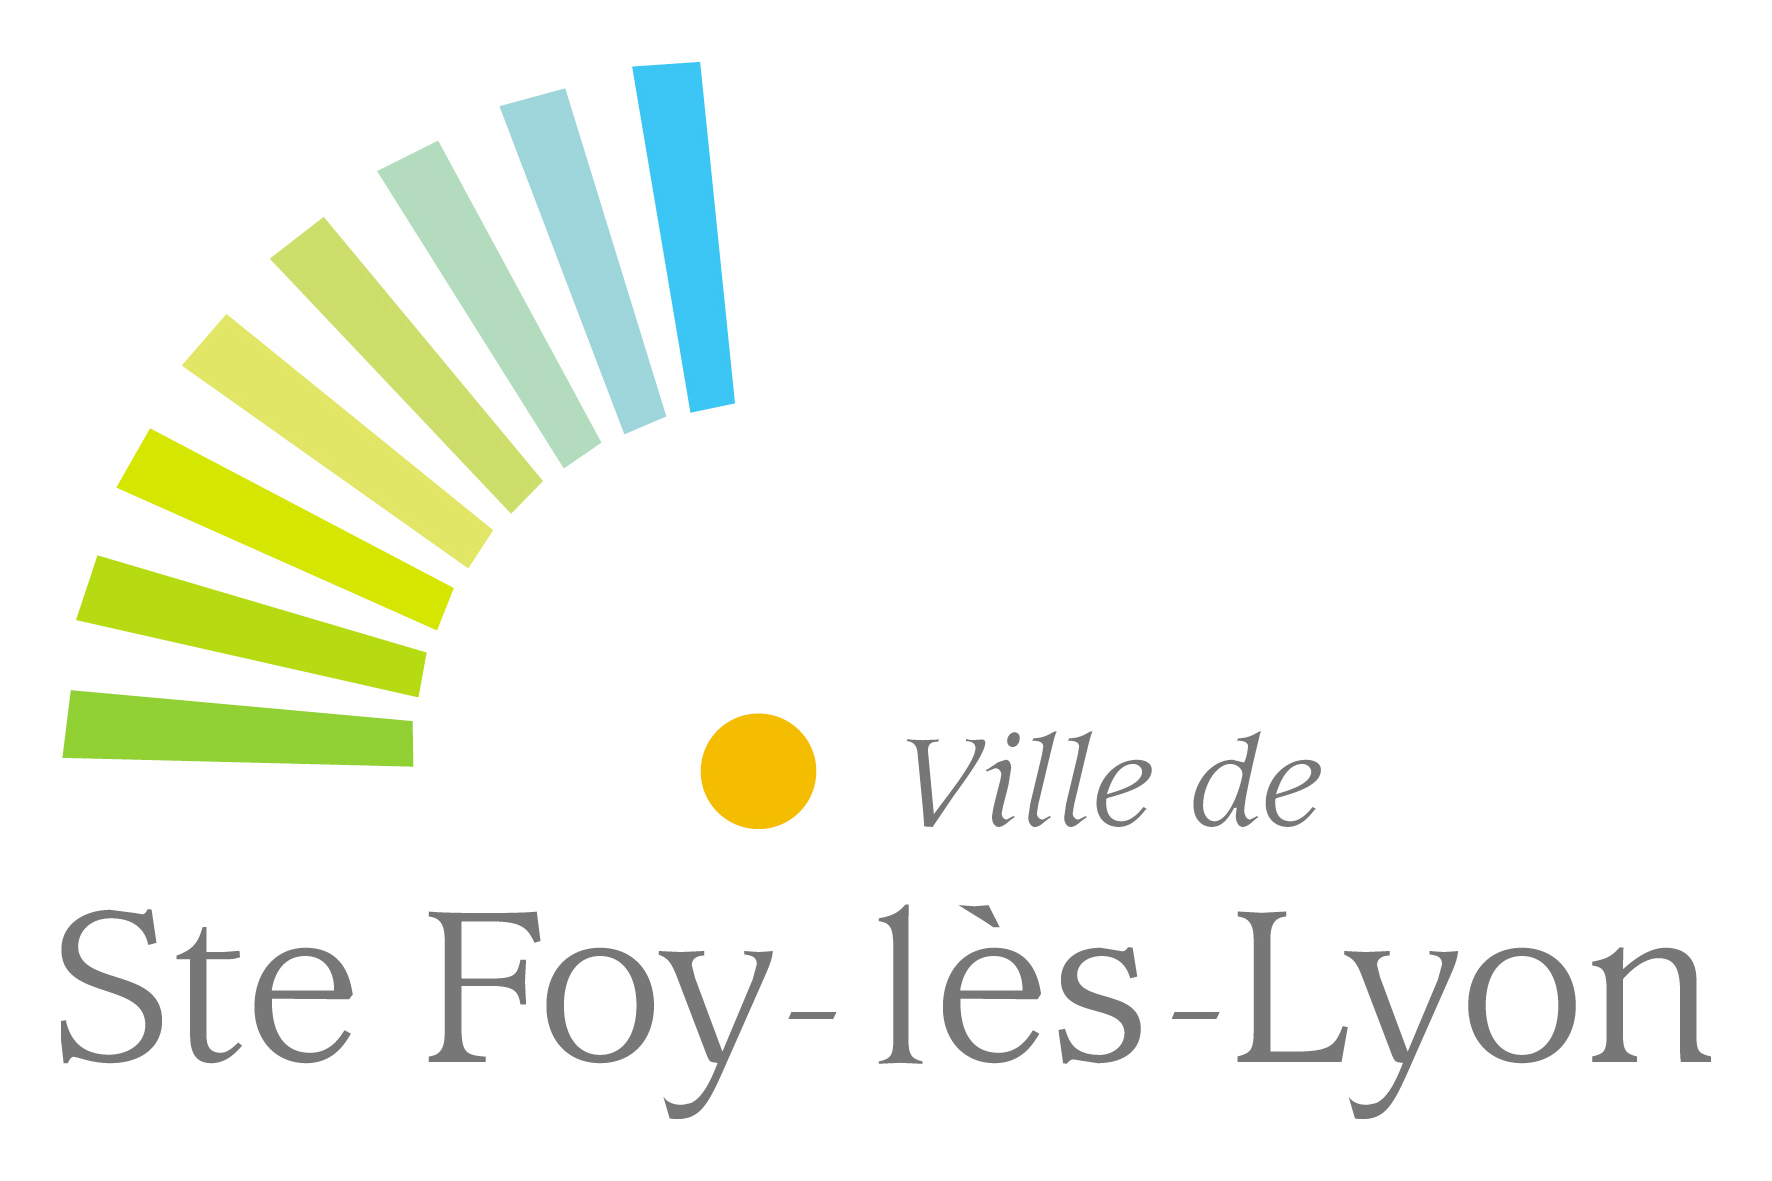 logo_ste_foy_les_lyon